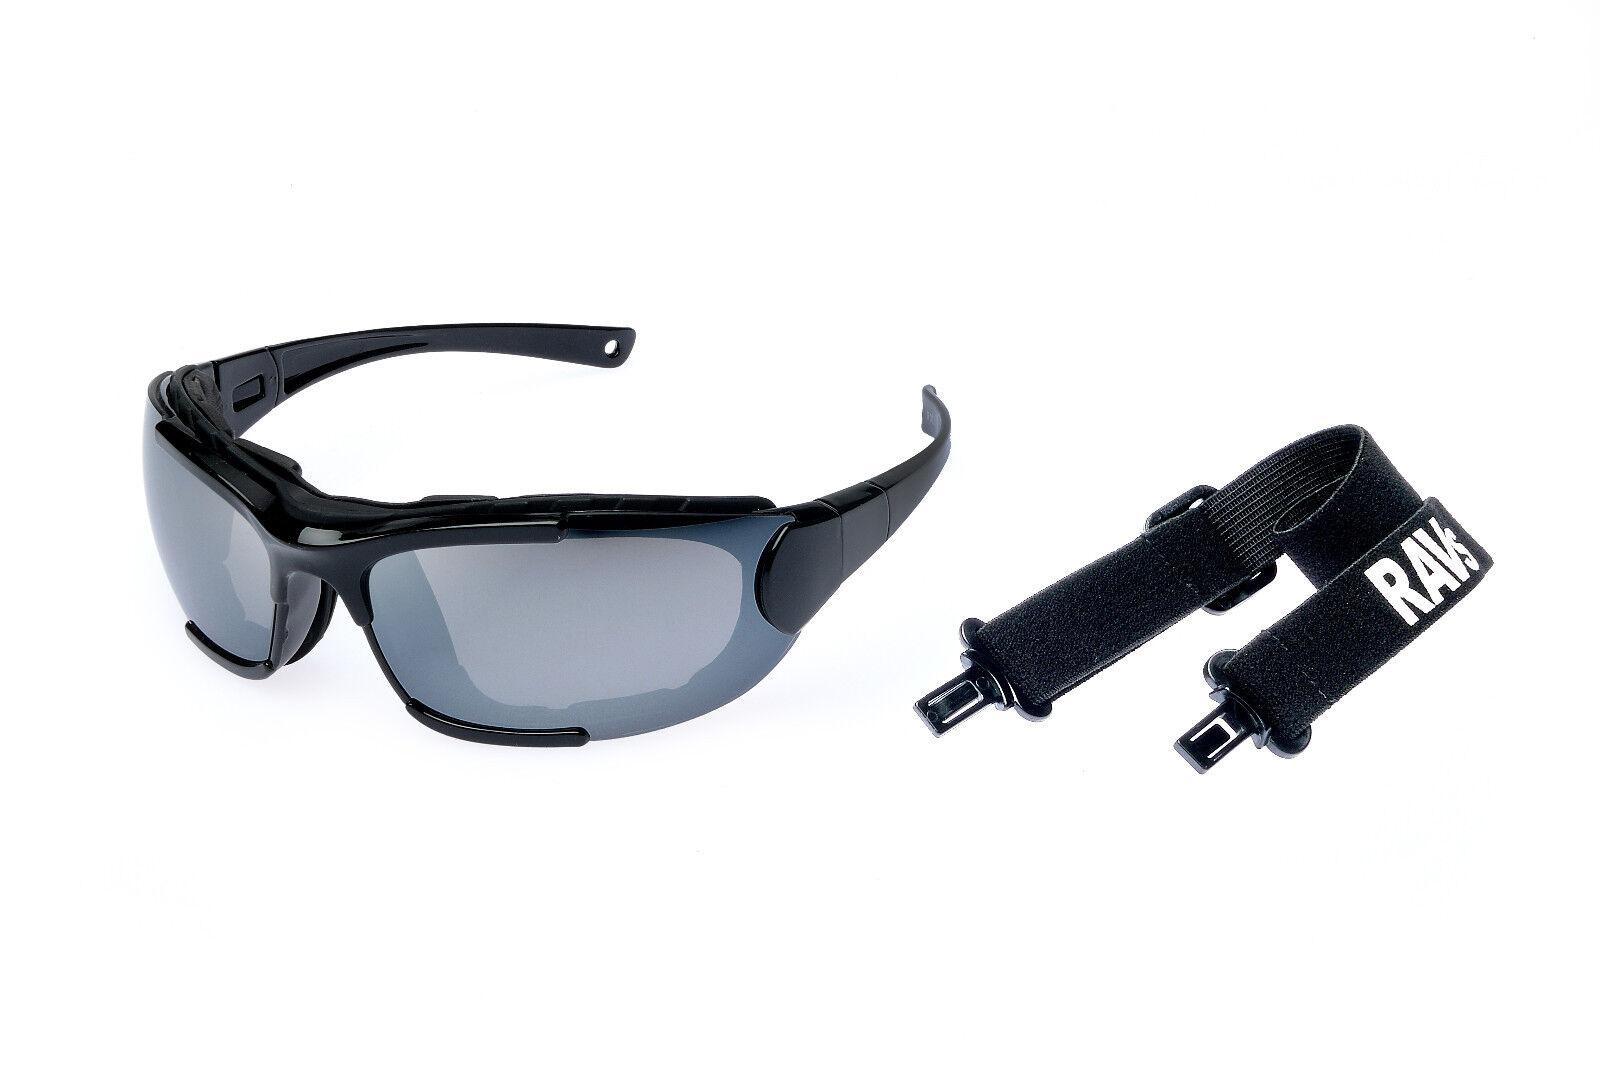 Ravs Ravs Ravs Gafas Deportivas, Protectoras, de Esquí, Sol con Plata Glass Mirror bdb30e